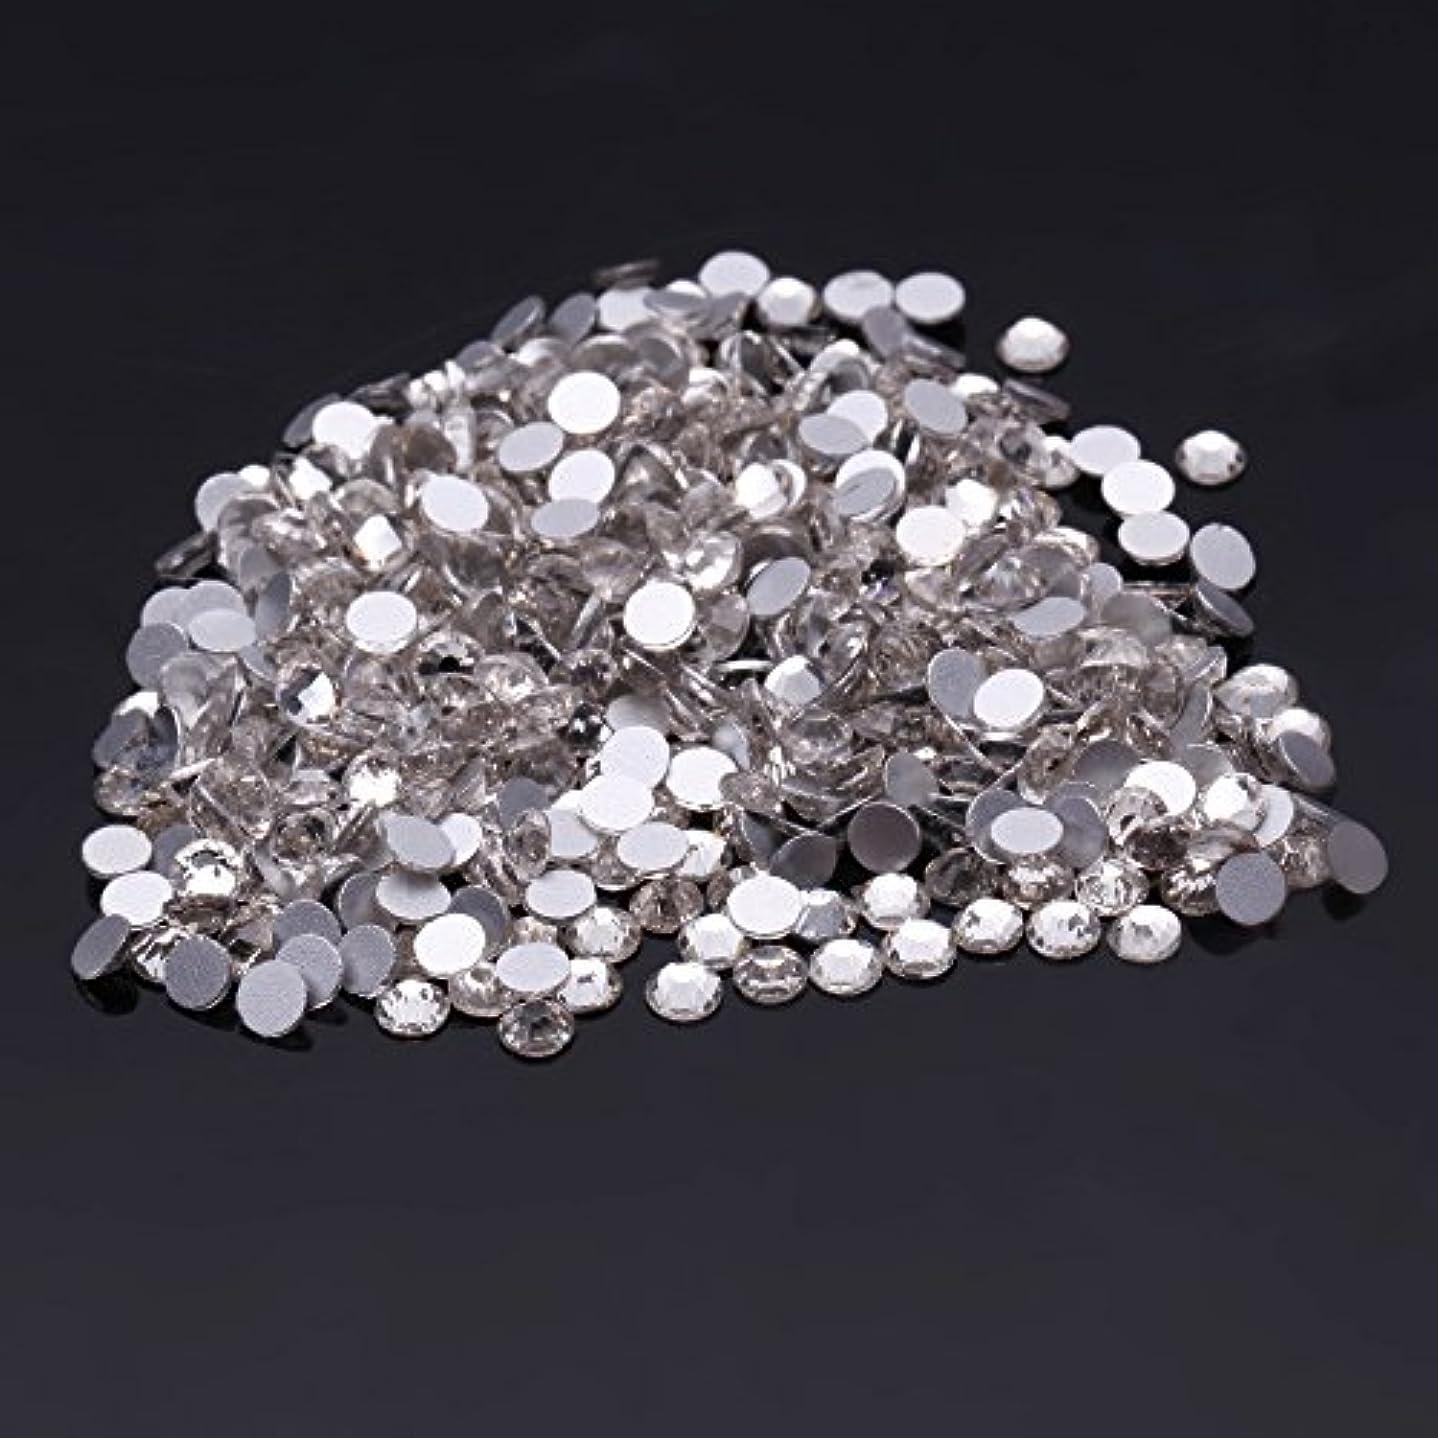 土器混沌機関1440粒ガラス製ラインストーン ネイル デコパーツ クリスタル(3.0mm (SS12) 約1440粒)